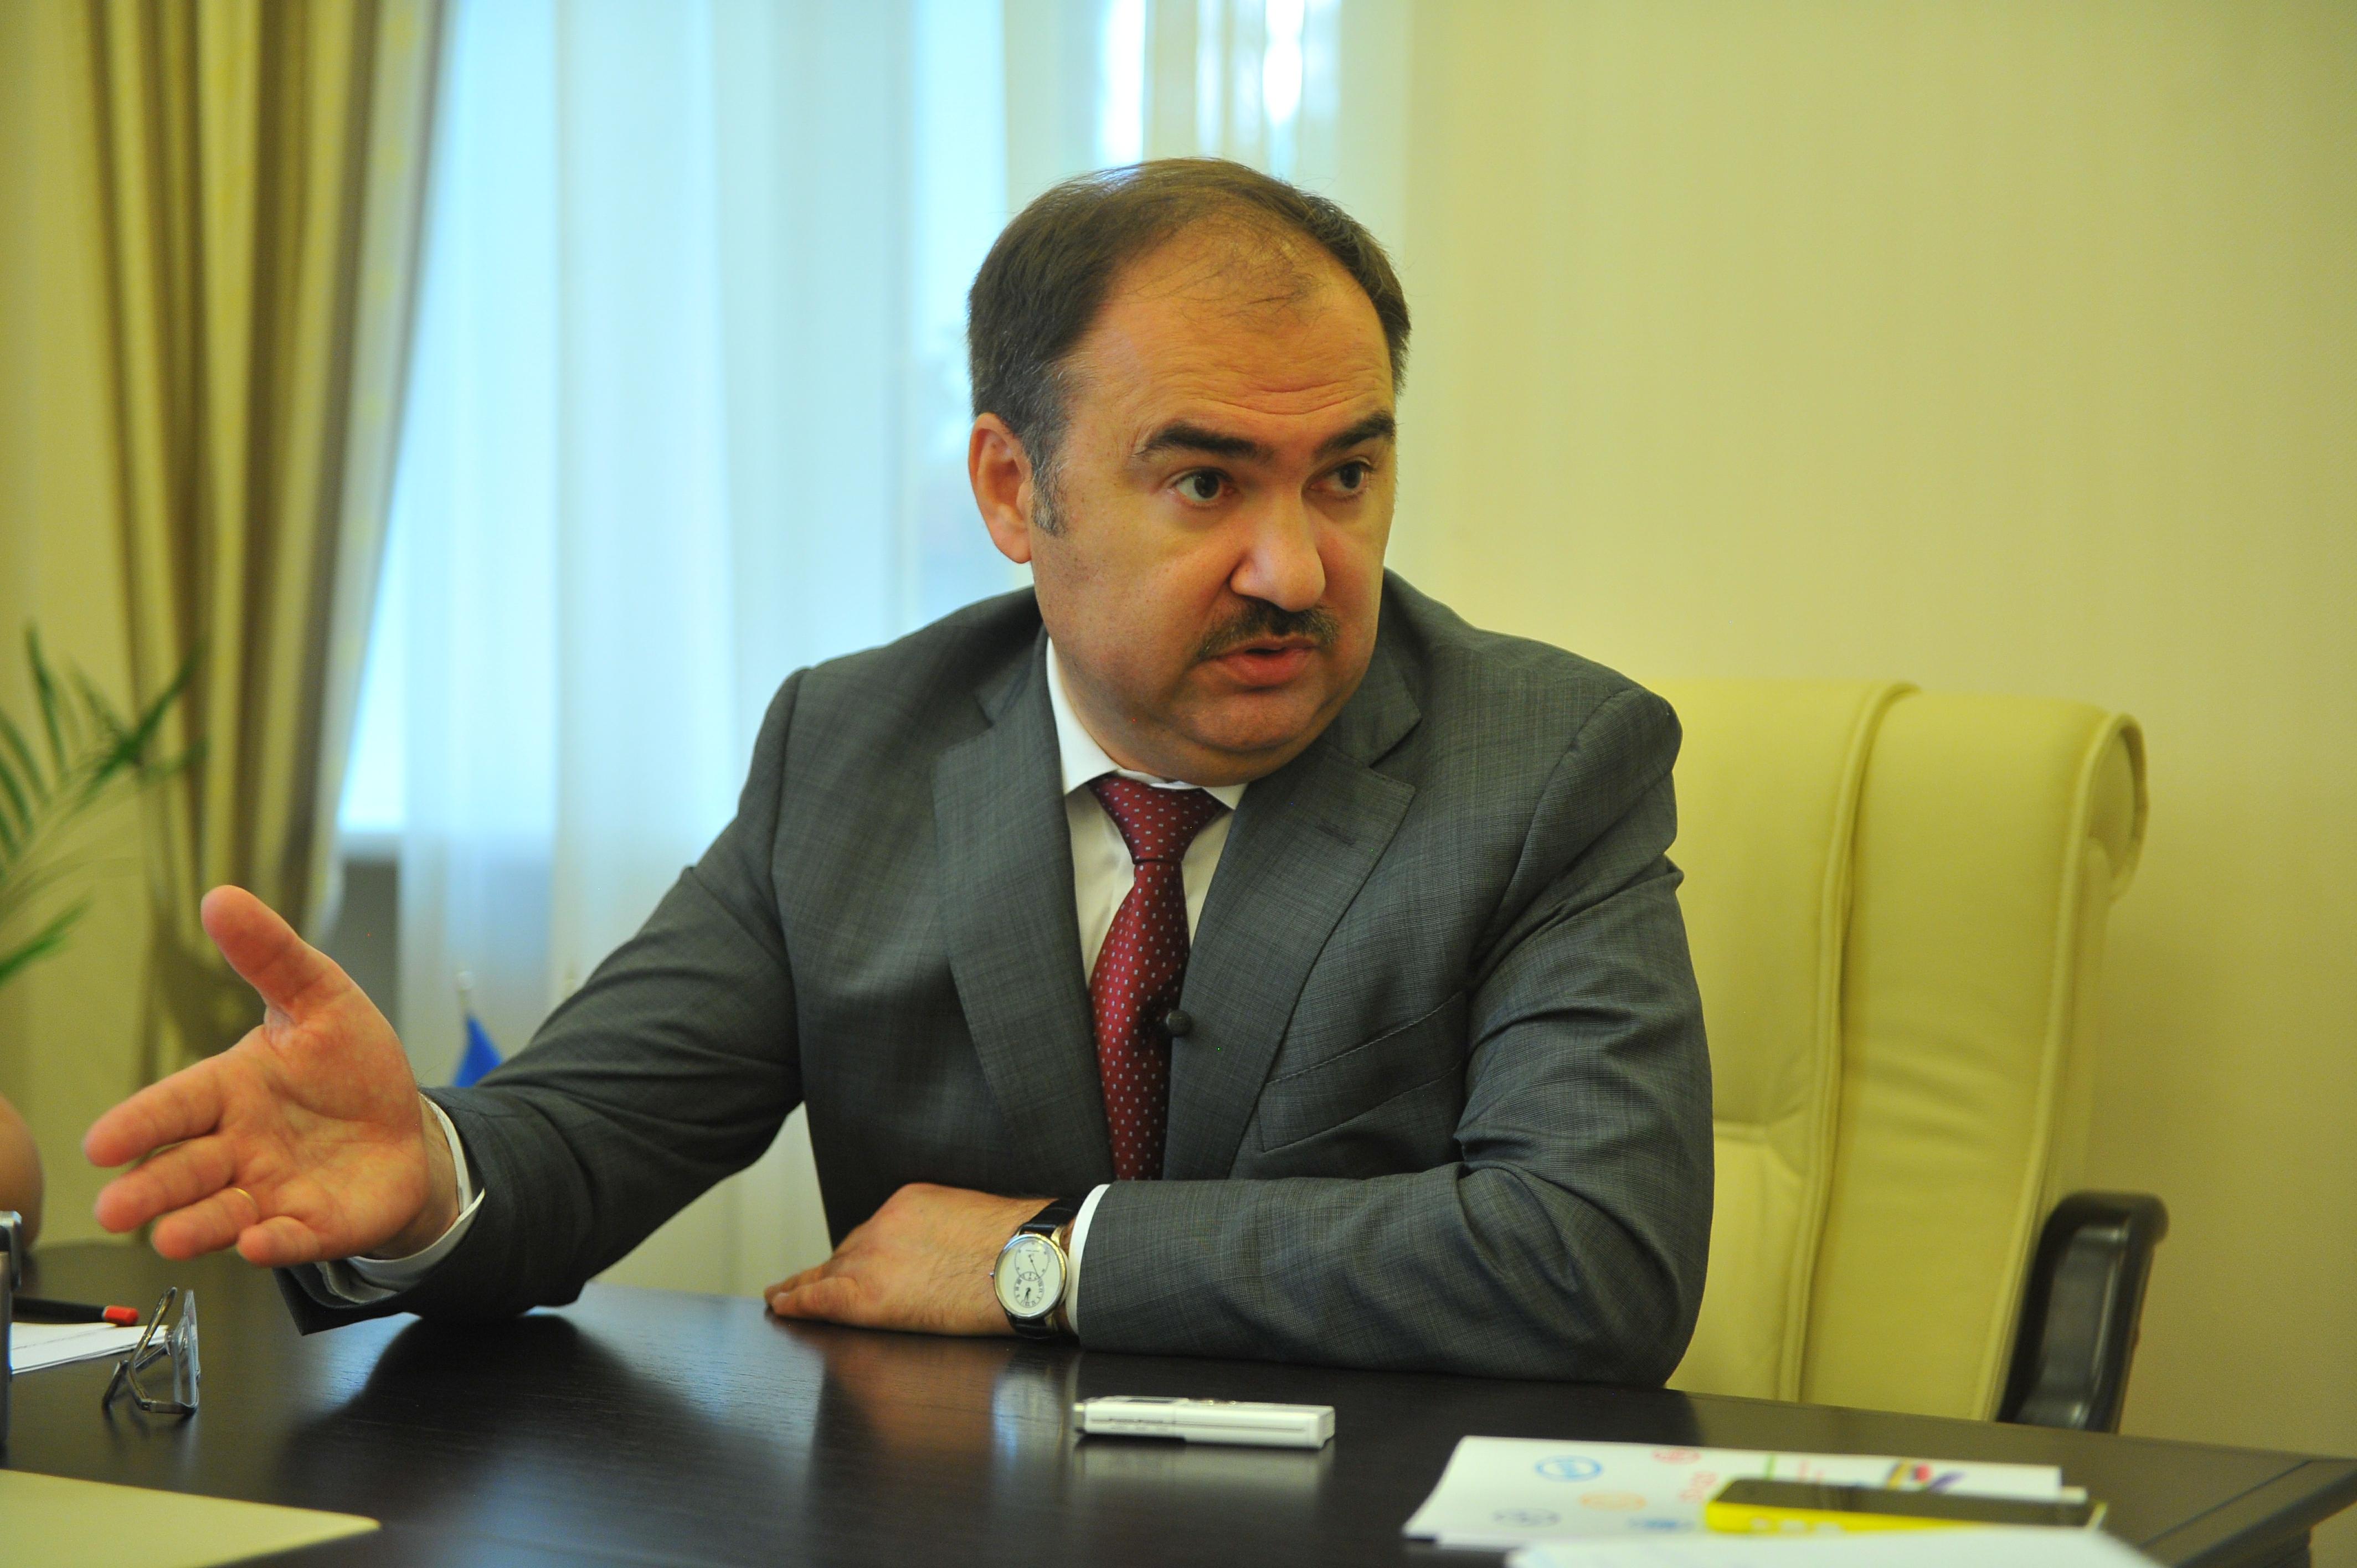 начальник пенсионного фонда россии фото укуса кольчатой сколопендры